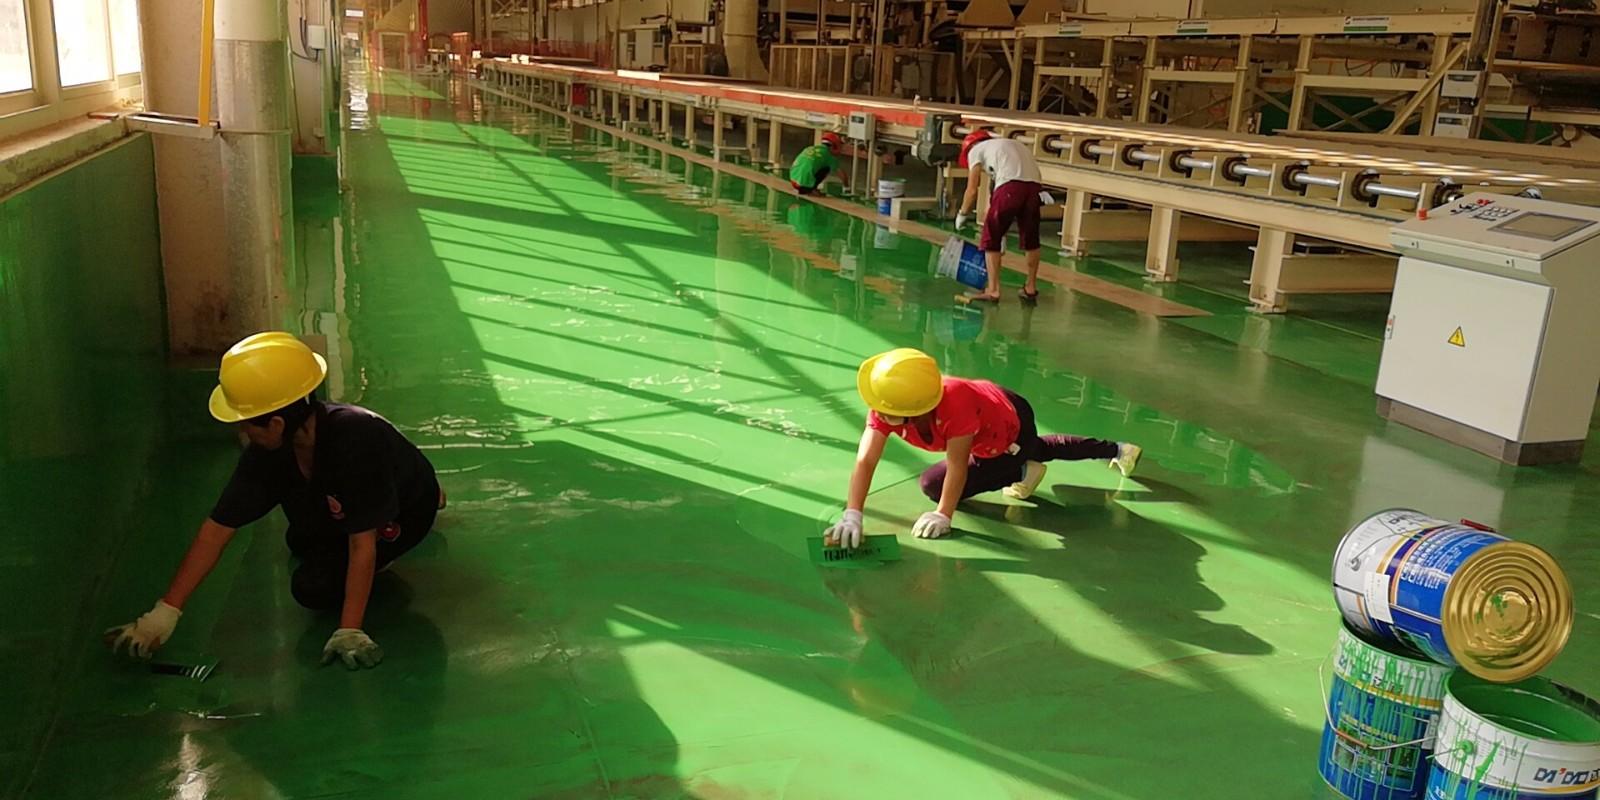 环氧地坪漆,环氧地坪漆批发|环氧地坪漆涂装系列-广西达道合成建筑材料有限公司